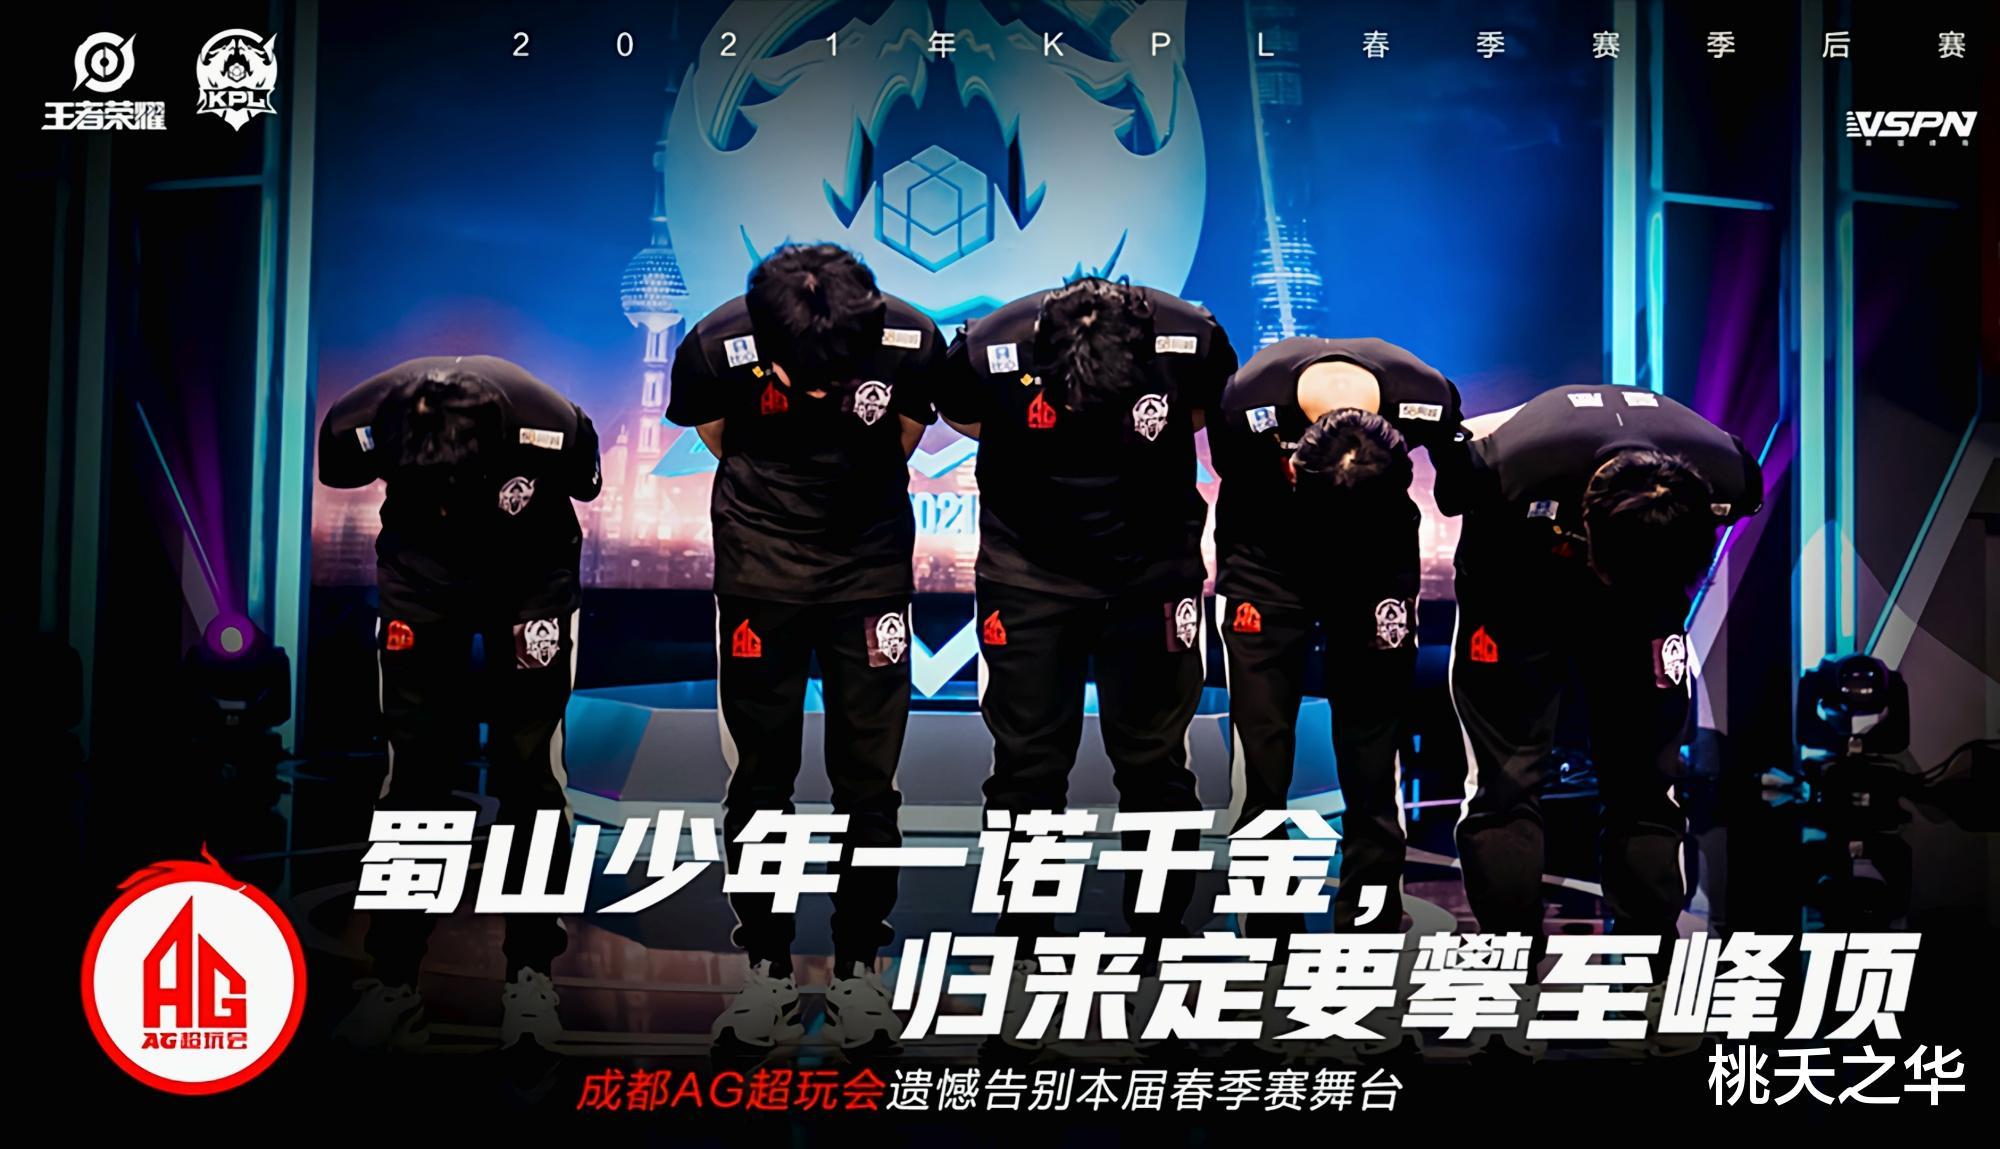 《【煜星在线登陆注册】AG超玩会世冠大名单公布,全能选手七年上位,谁状态不好就换谁?》